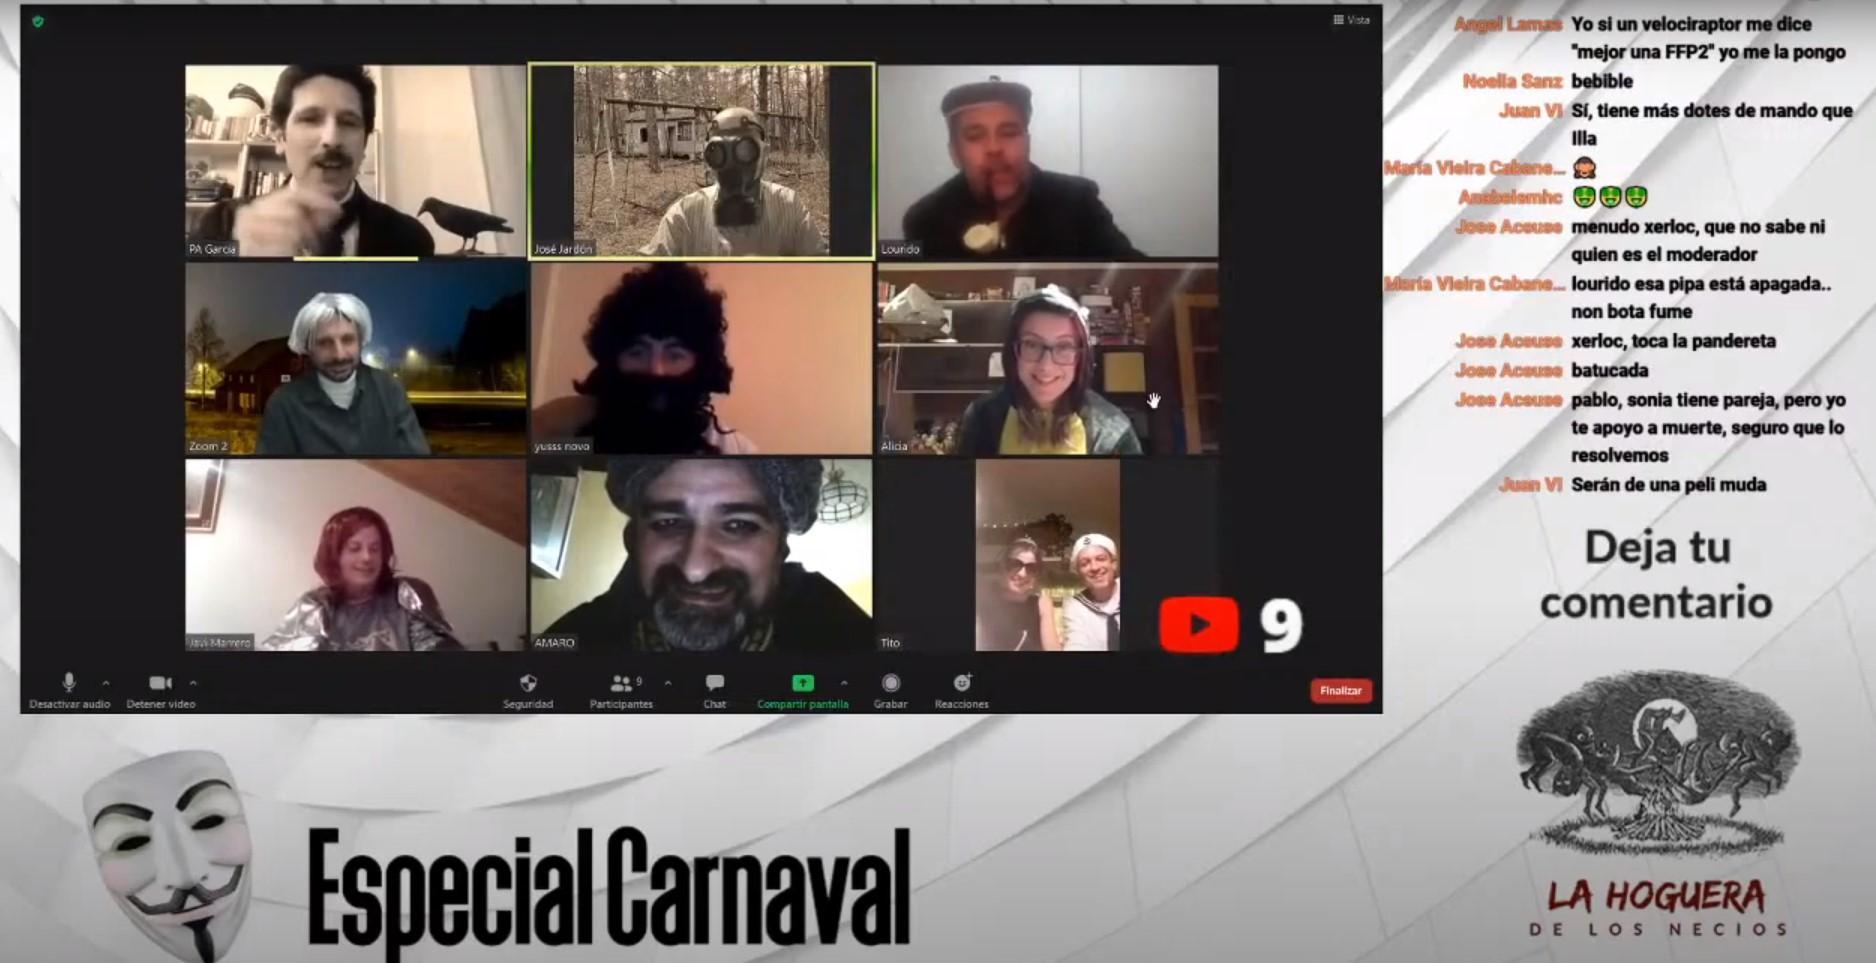 La Hoguera de los Necios Carnaval